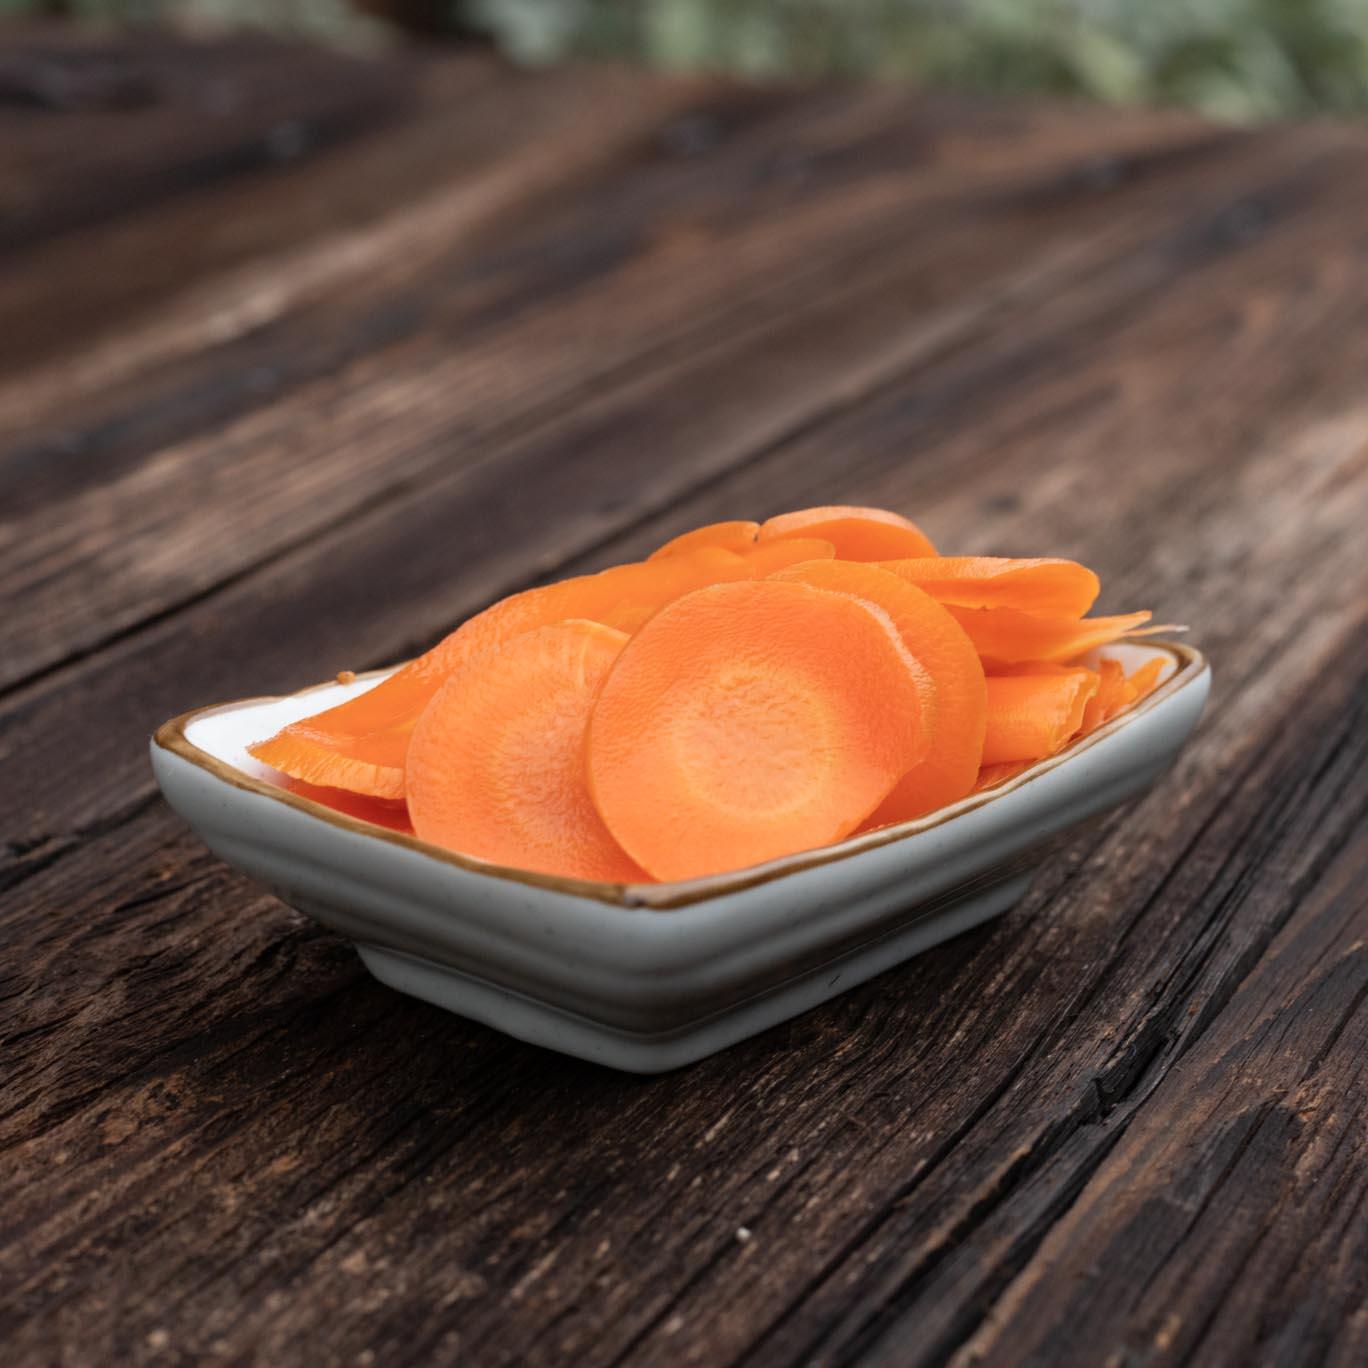 Fermentiertes Gemüse von Schnelles Grünzeug, hier fermentierte Karotte mit Holunderblüte